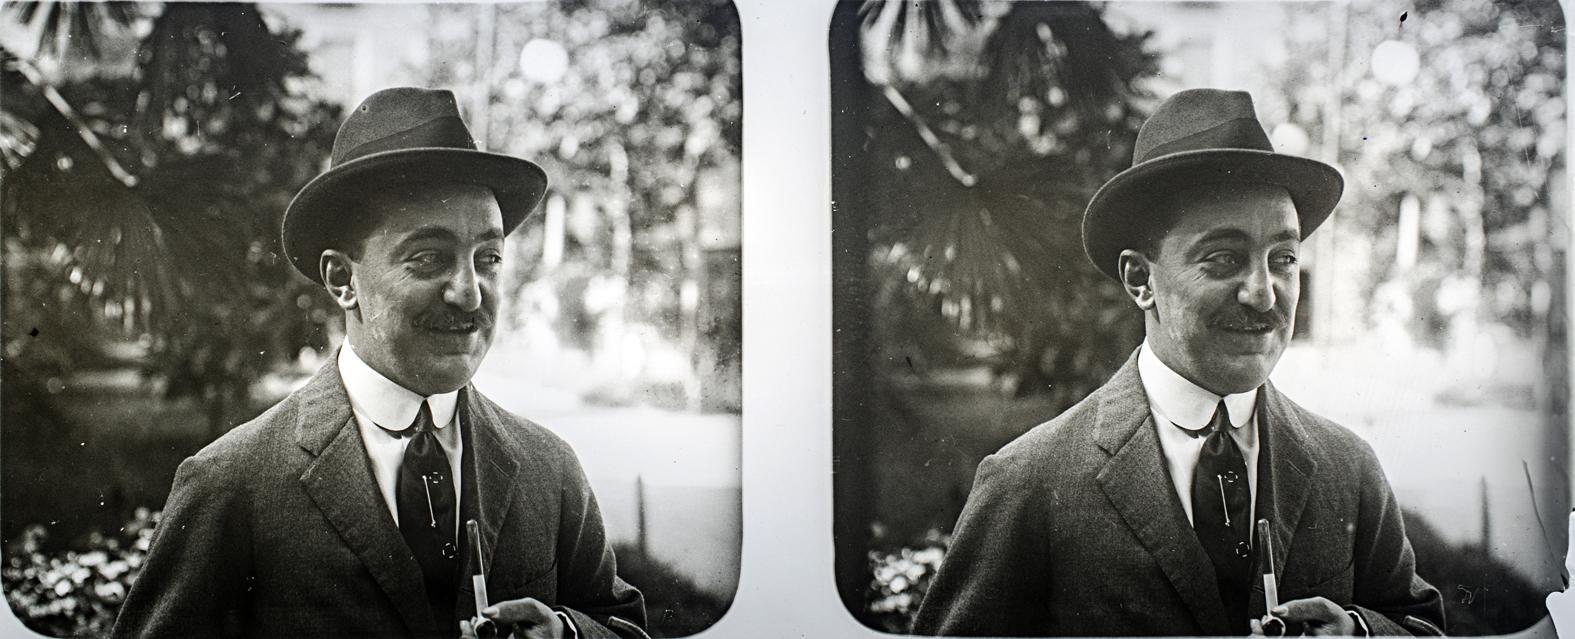 Francisco Rodríguez Avial. Autorretrato, 1910. © Herederos F. Avial.